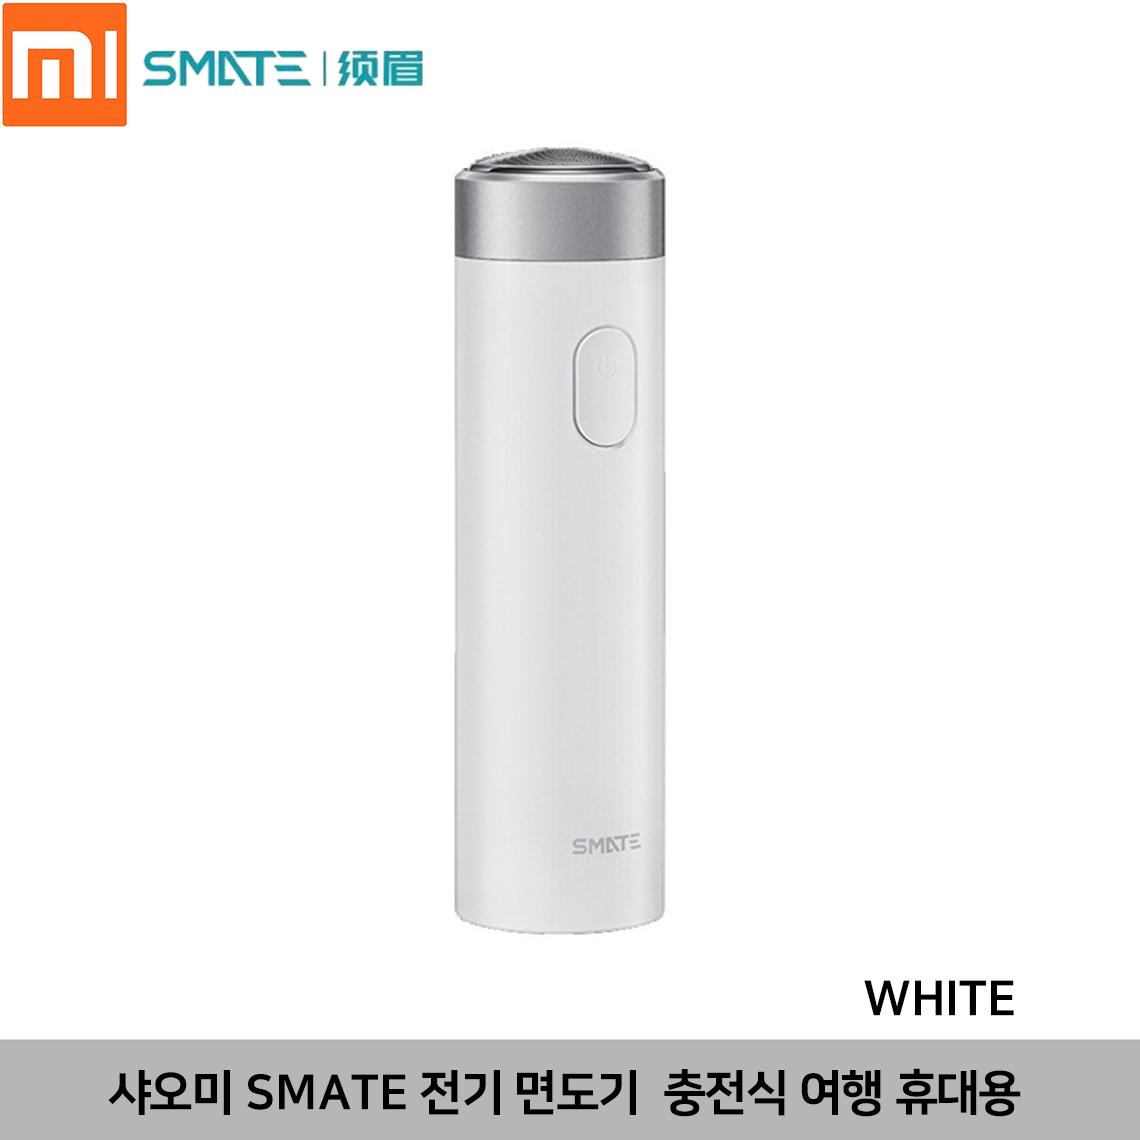 샤오미 SMATE 전기 면도기 남성면도기 빠른 충전 휴대용 수납 USB 충전식 여행 건습 양용, 화이트, SMATE-Shaver-Standard-White